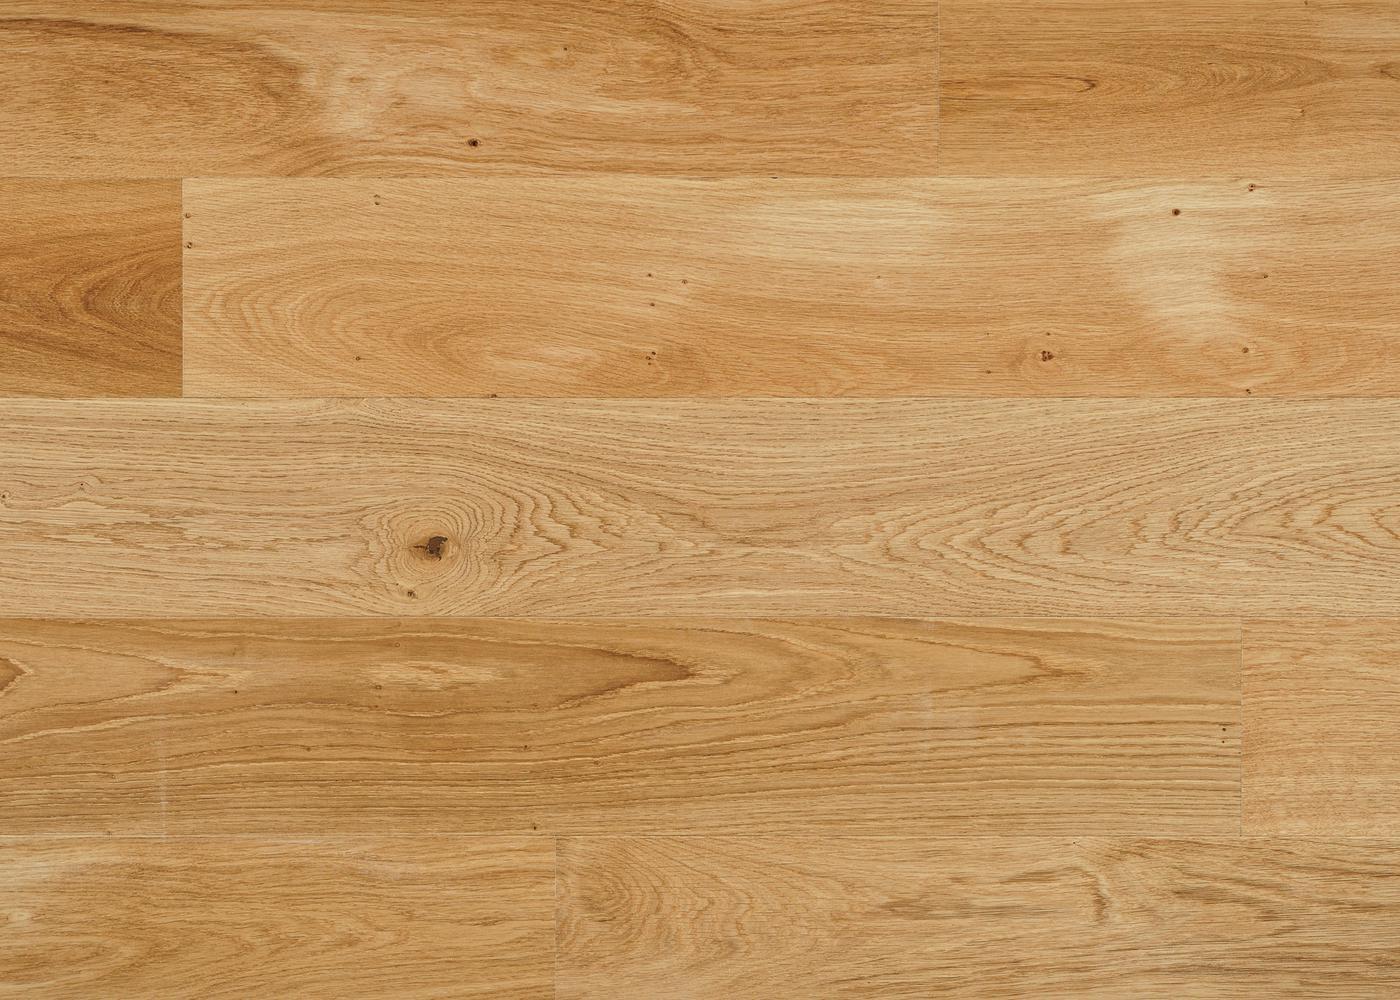 Parquet chêne contrecollé RASPAIL brossé vernis mat Elégance 14x184x1700